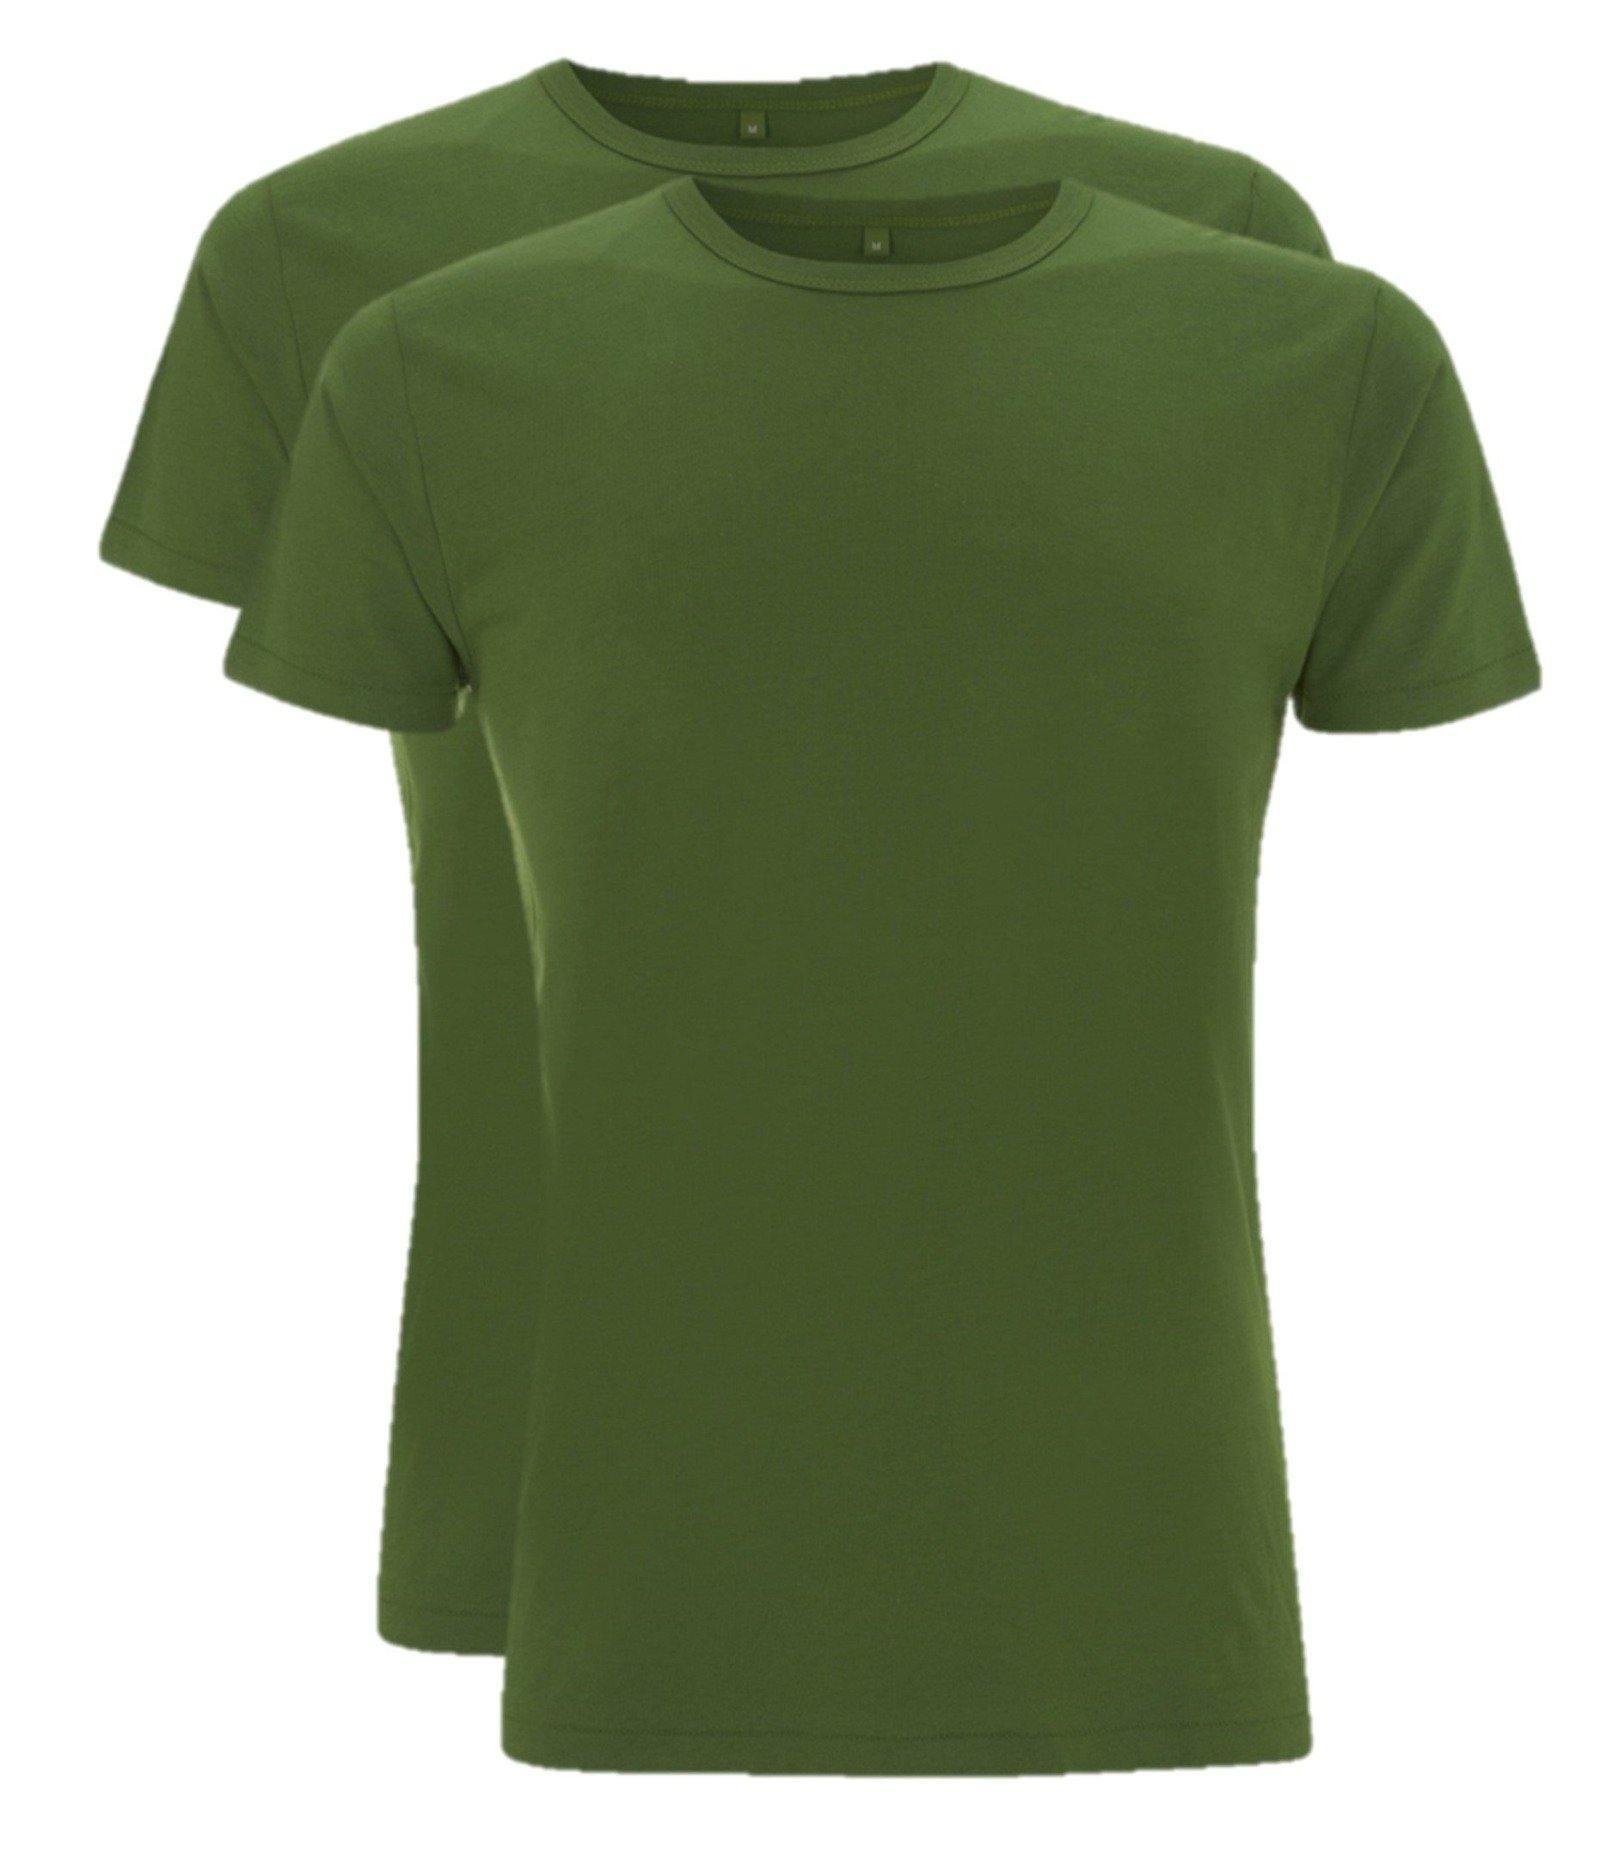 Bamboe t-shirt heren 2-pack groen | Cayboo